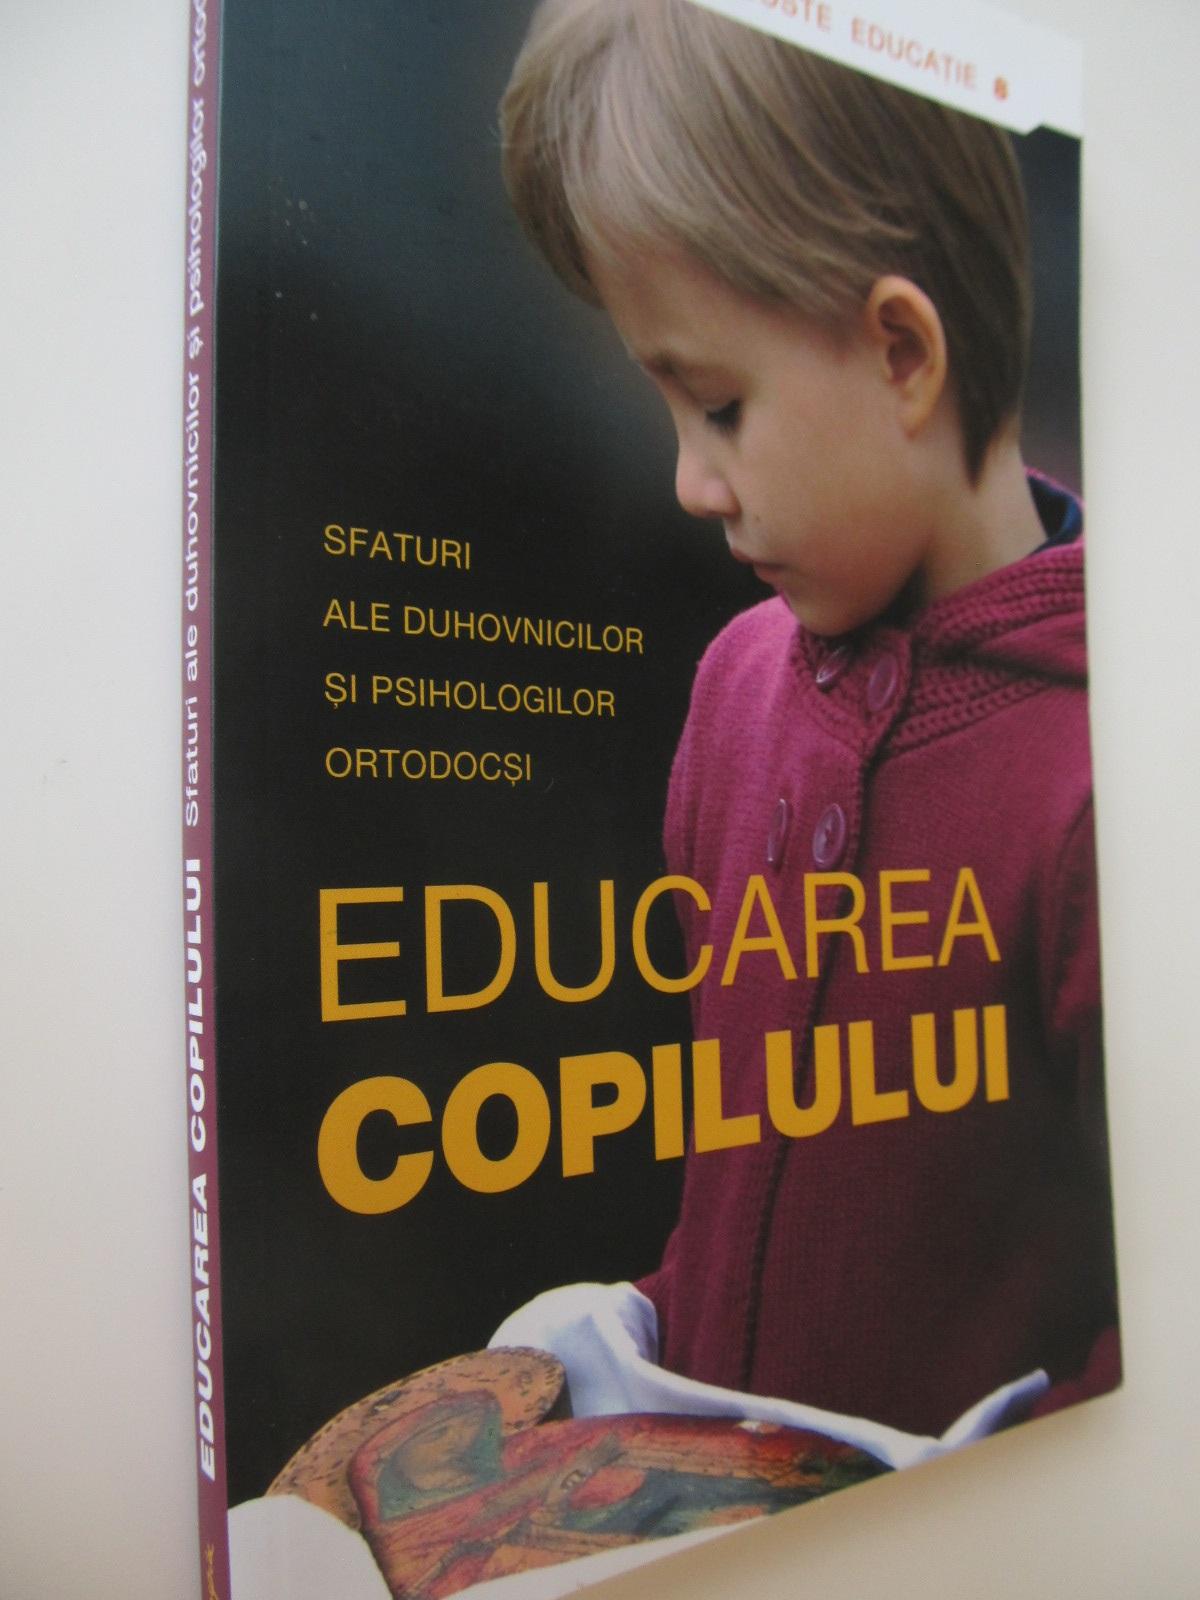 Educarea copilului. Sfaturi ale duhovnicilor si psihologilor - *** | Detalii carte